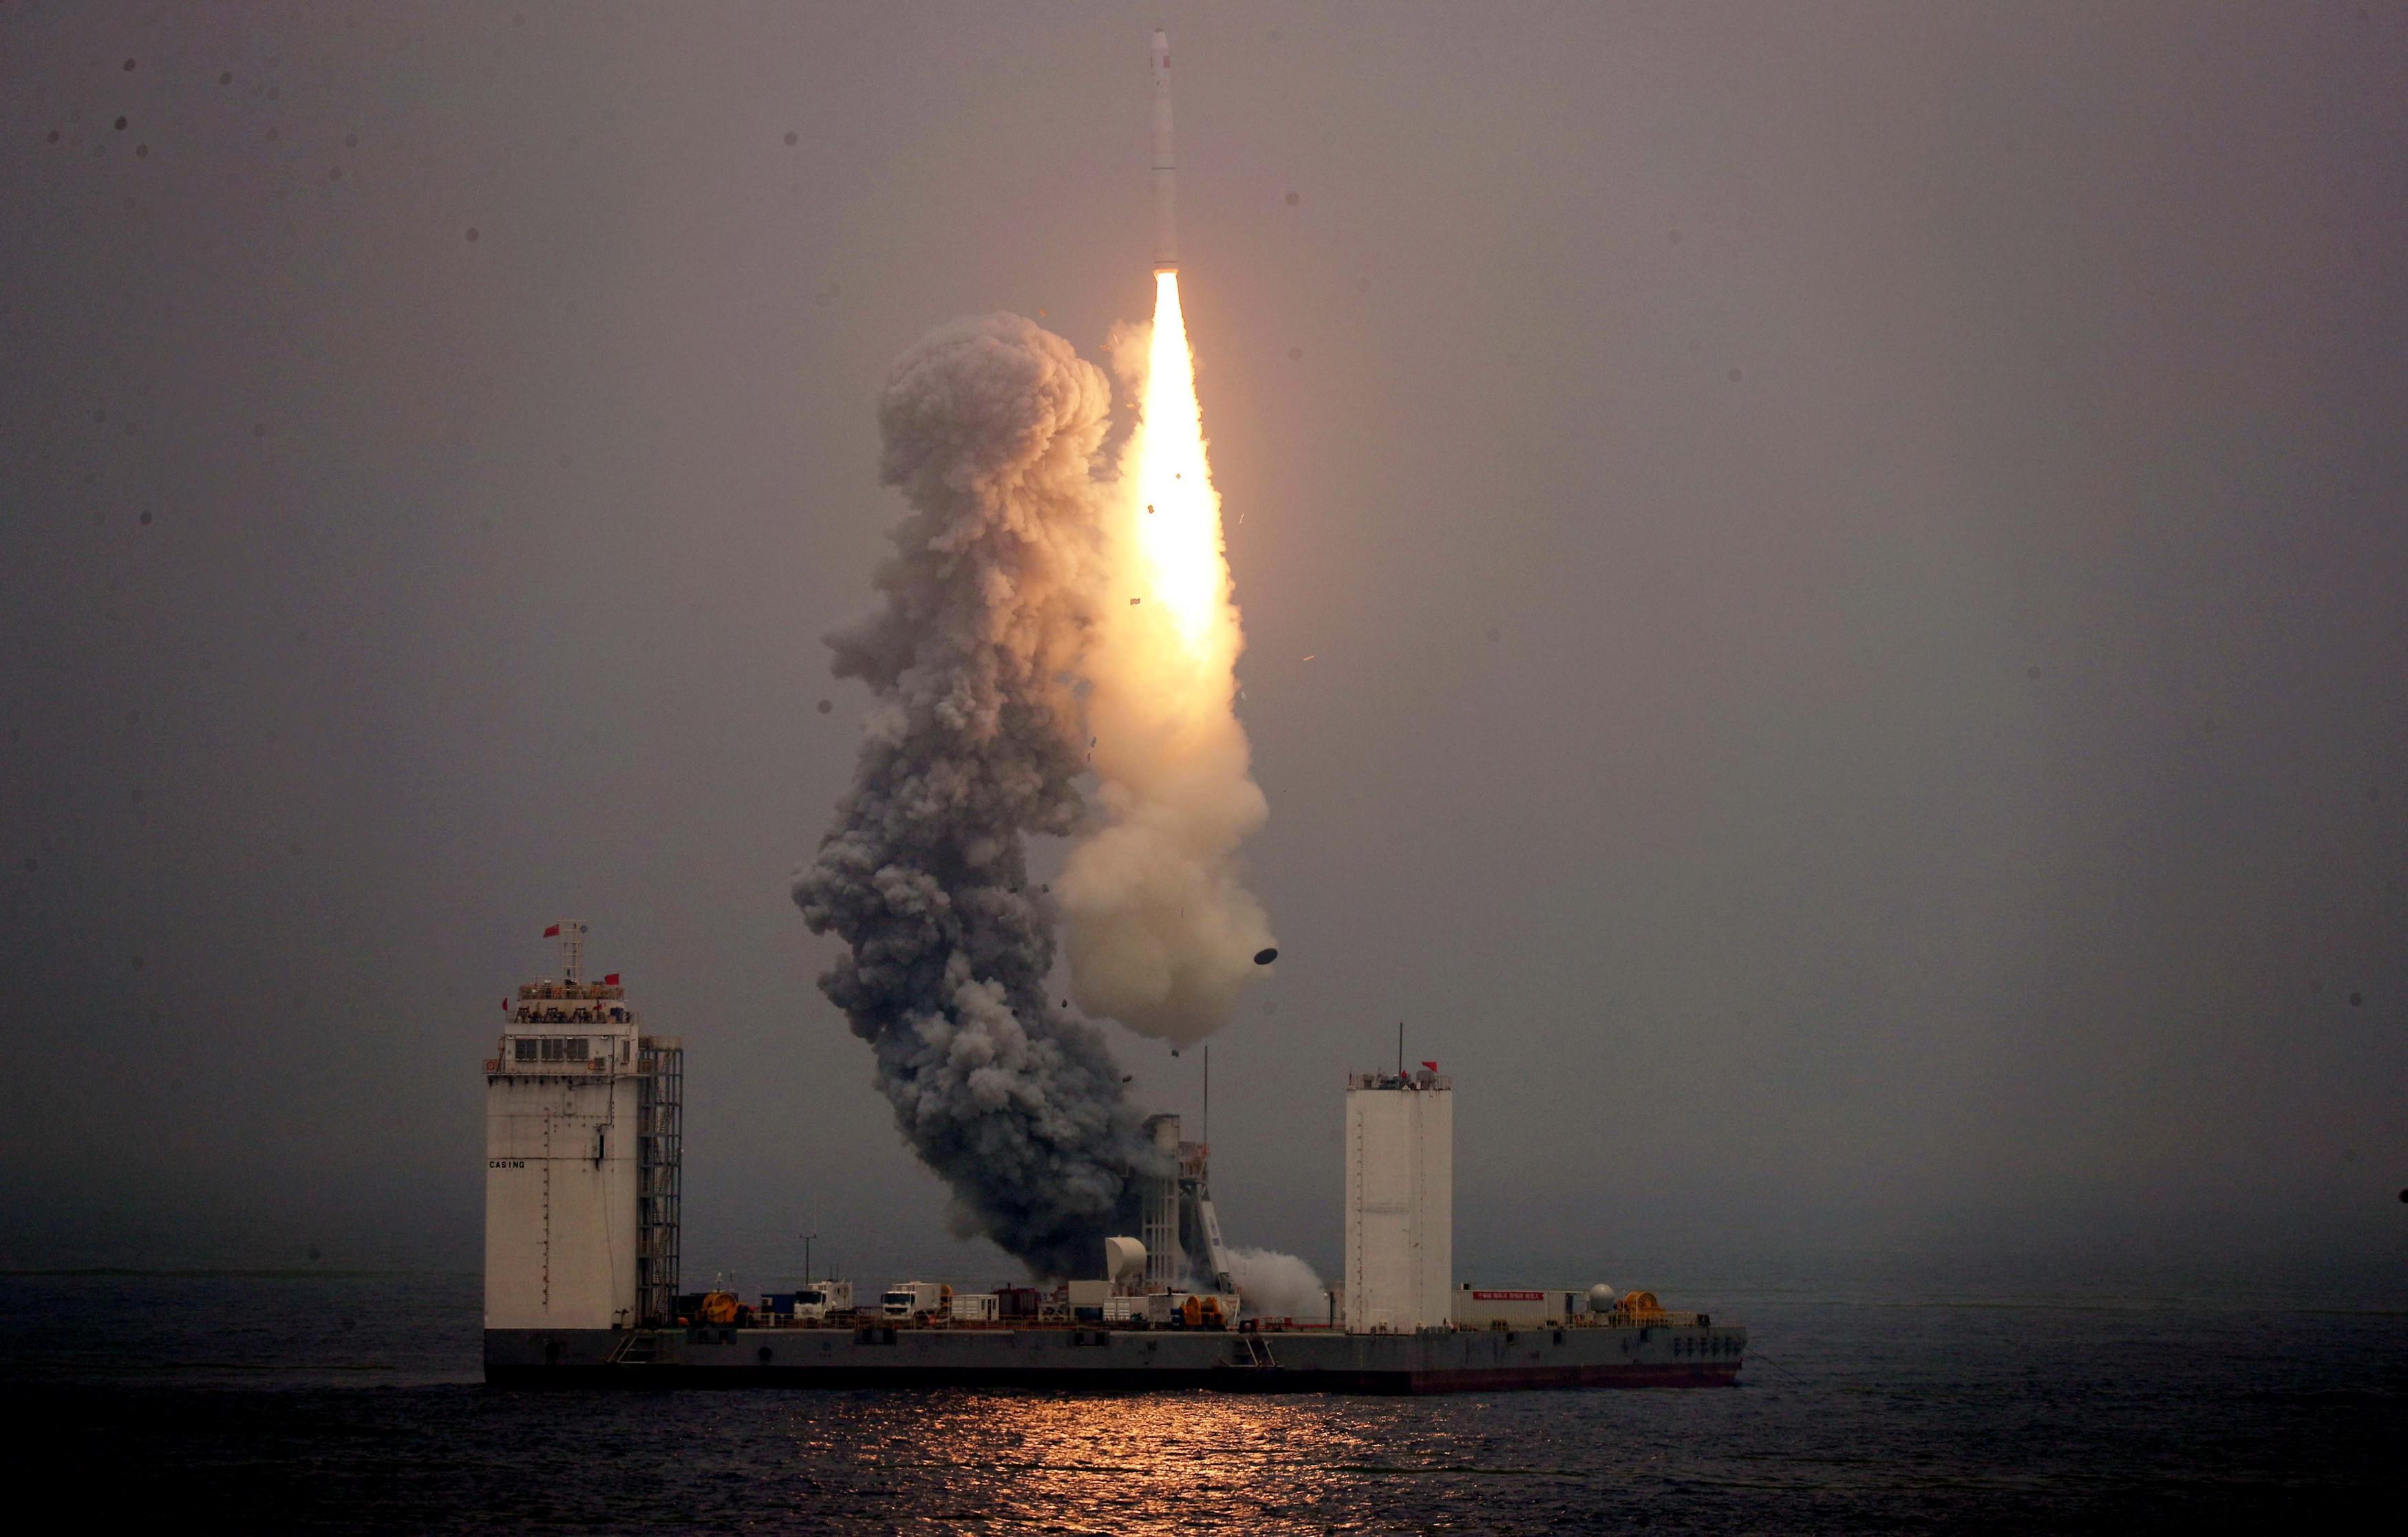 Запуск ракеты Чанчжэн-11 с морской платформы в Жёлтом море